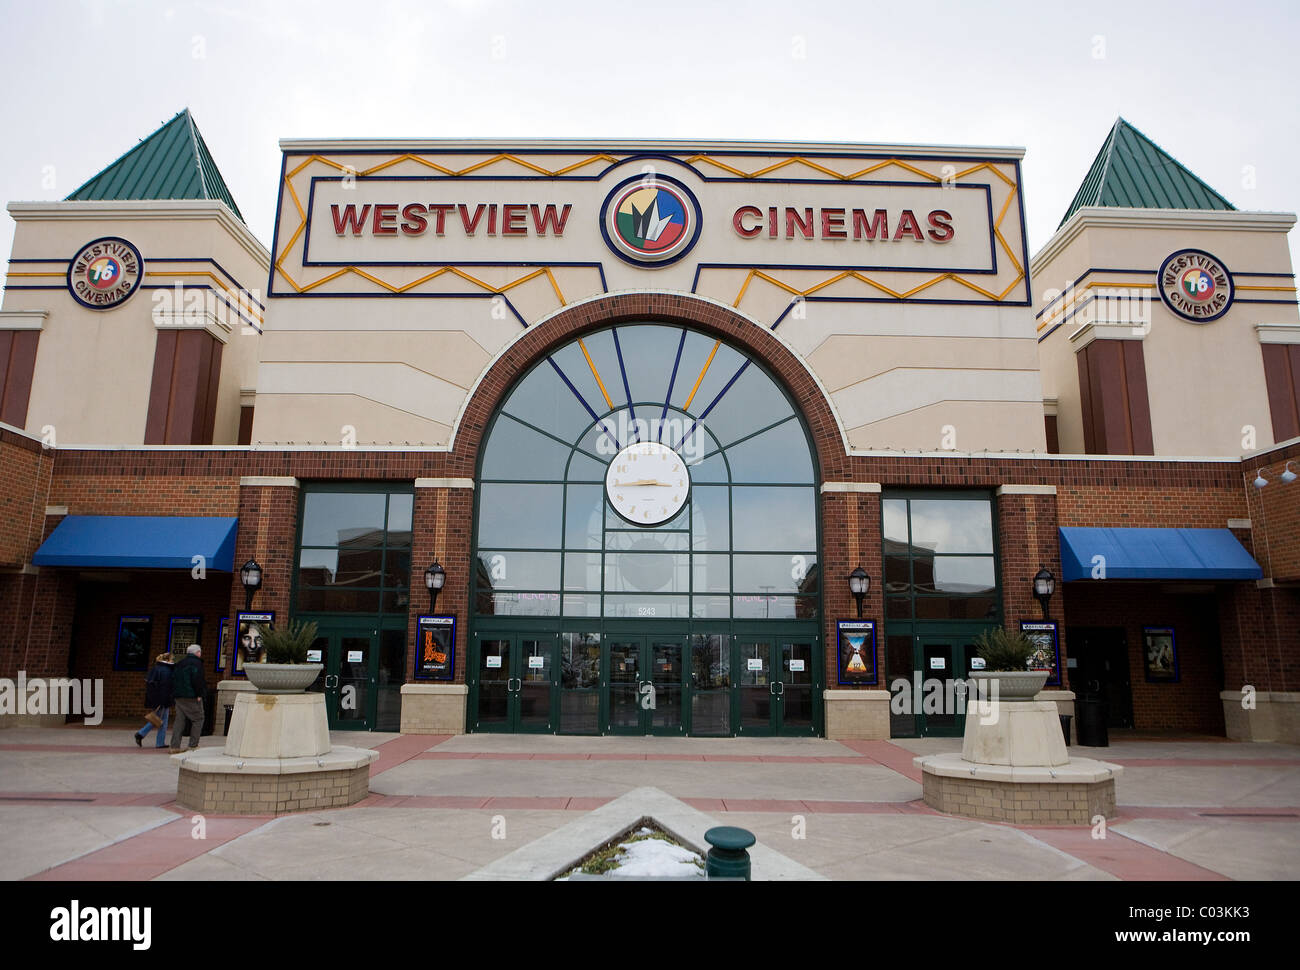 A Regal Cinemas movie theater.  - Stock Image